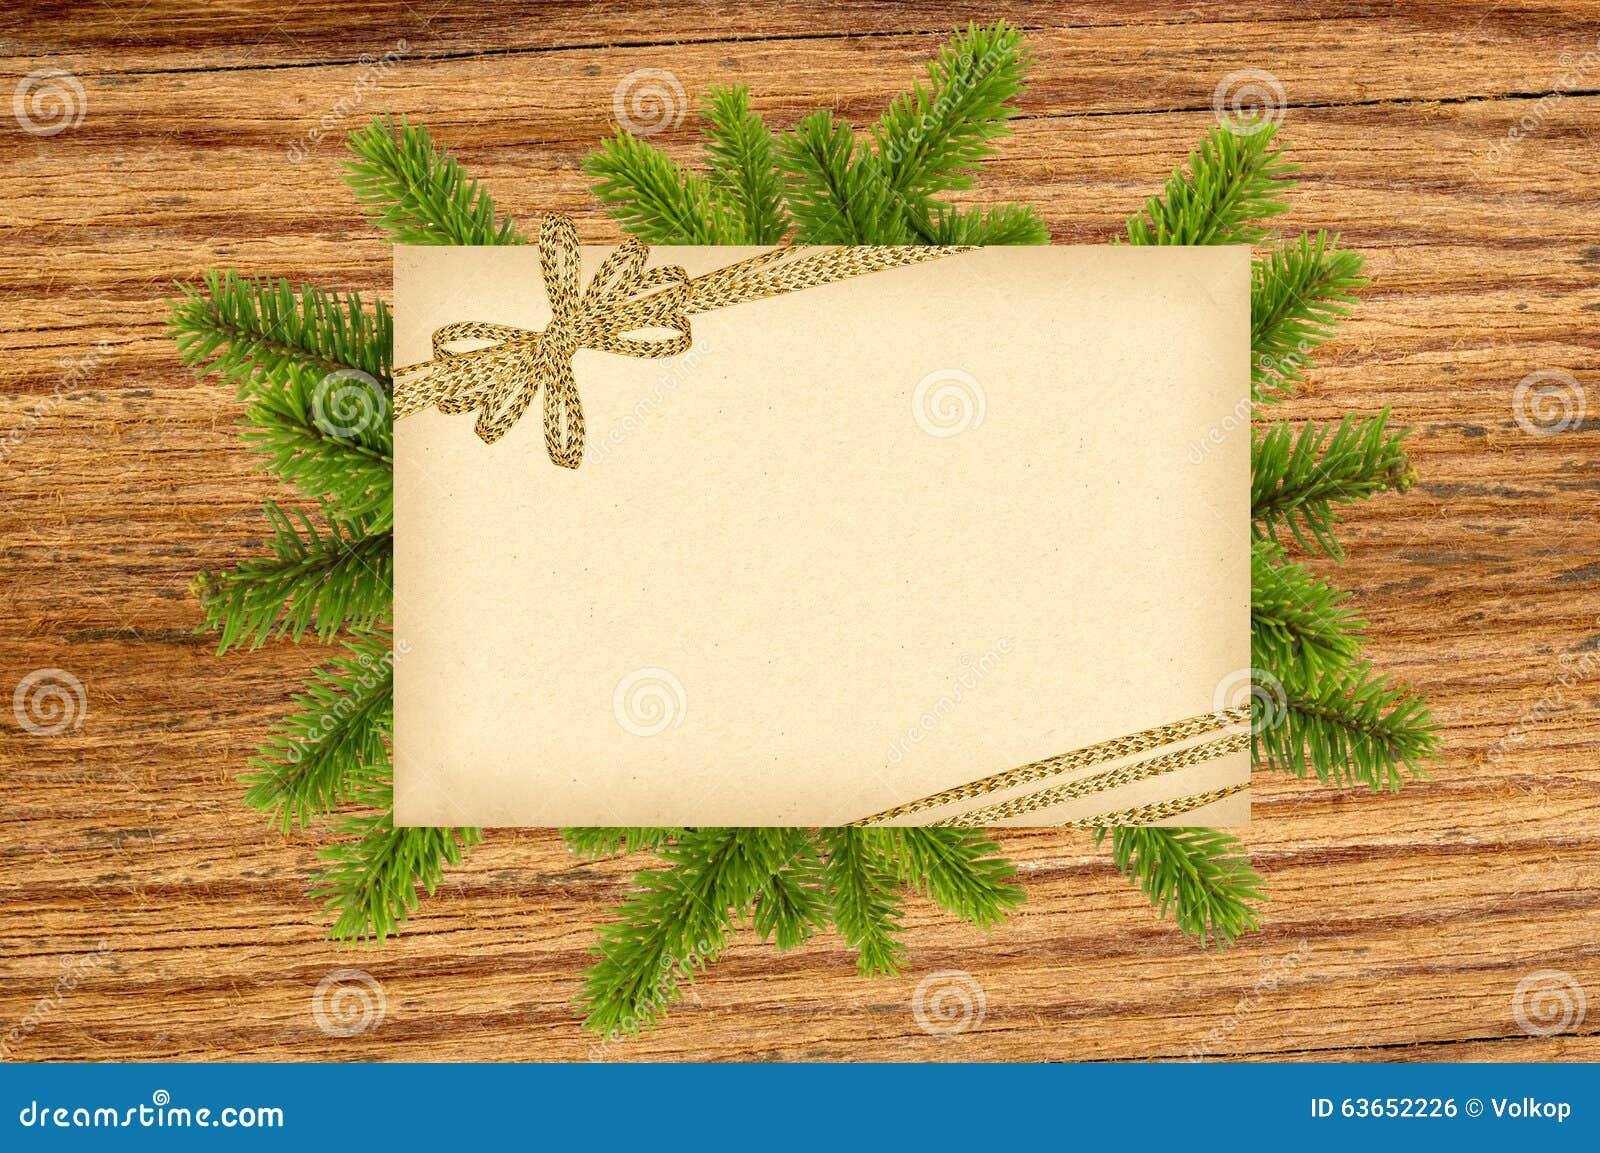 Weihnachtsdekoration Mit Altem Papier, Goldenem Bogen Und Tannenbaum ...